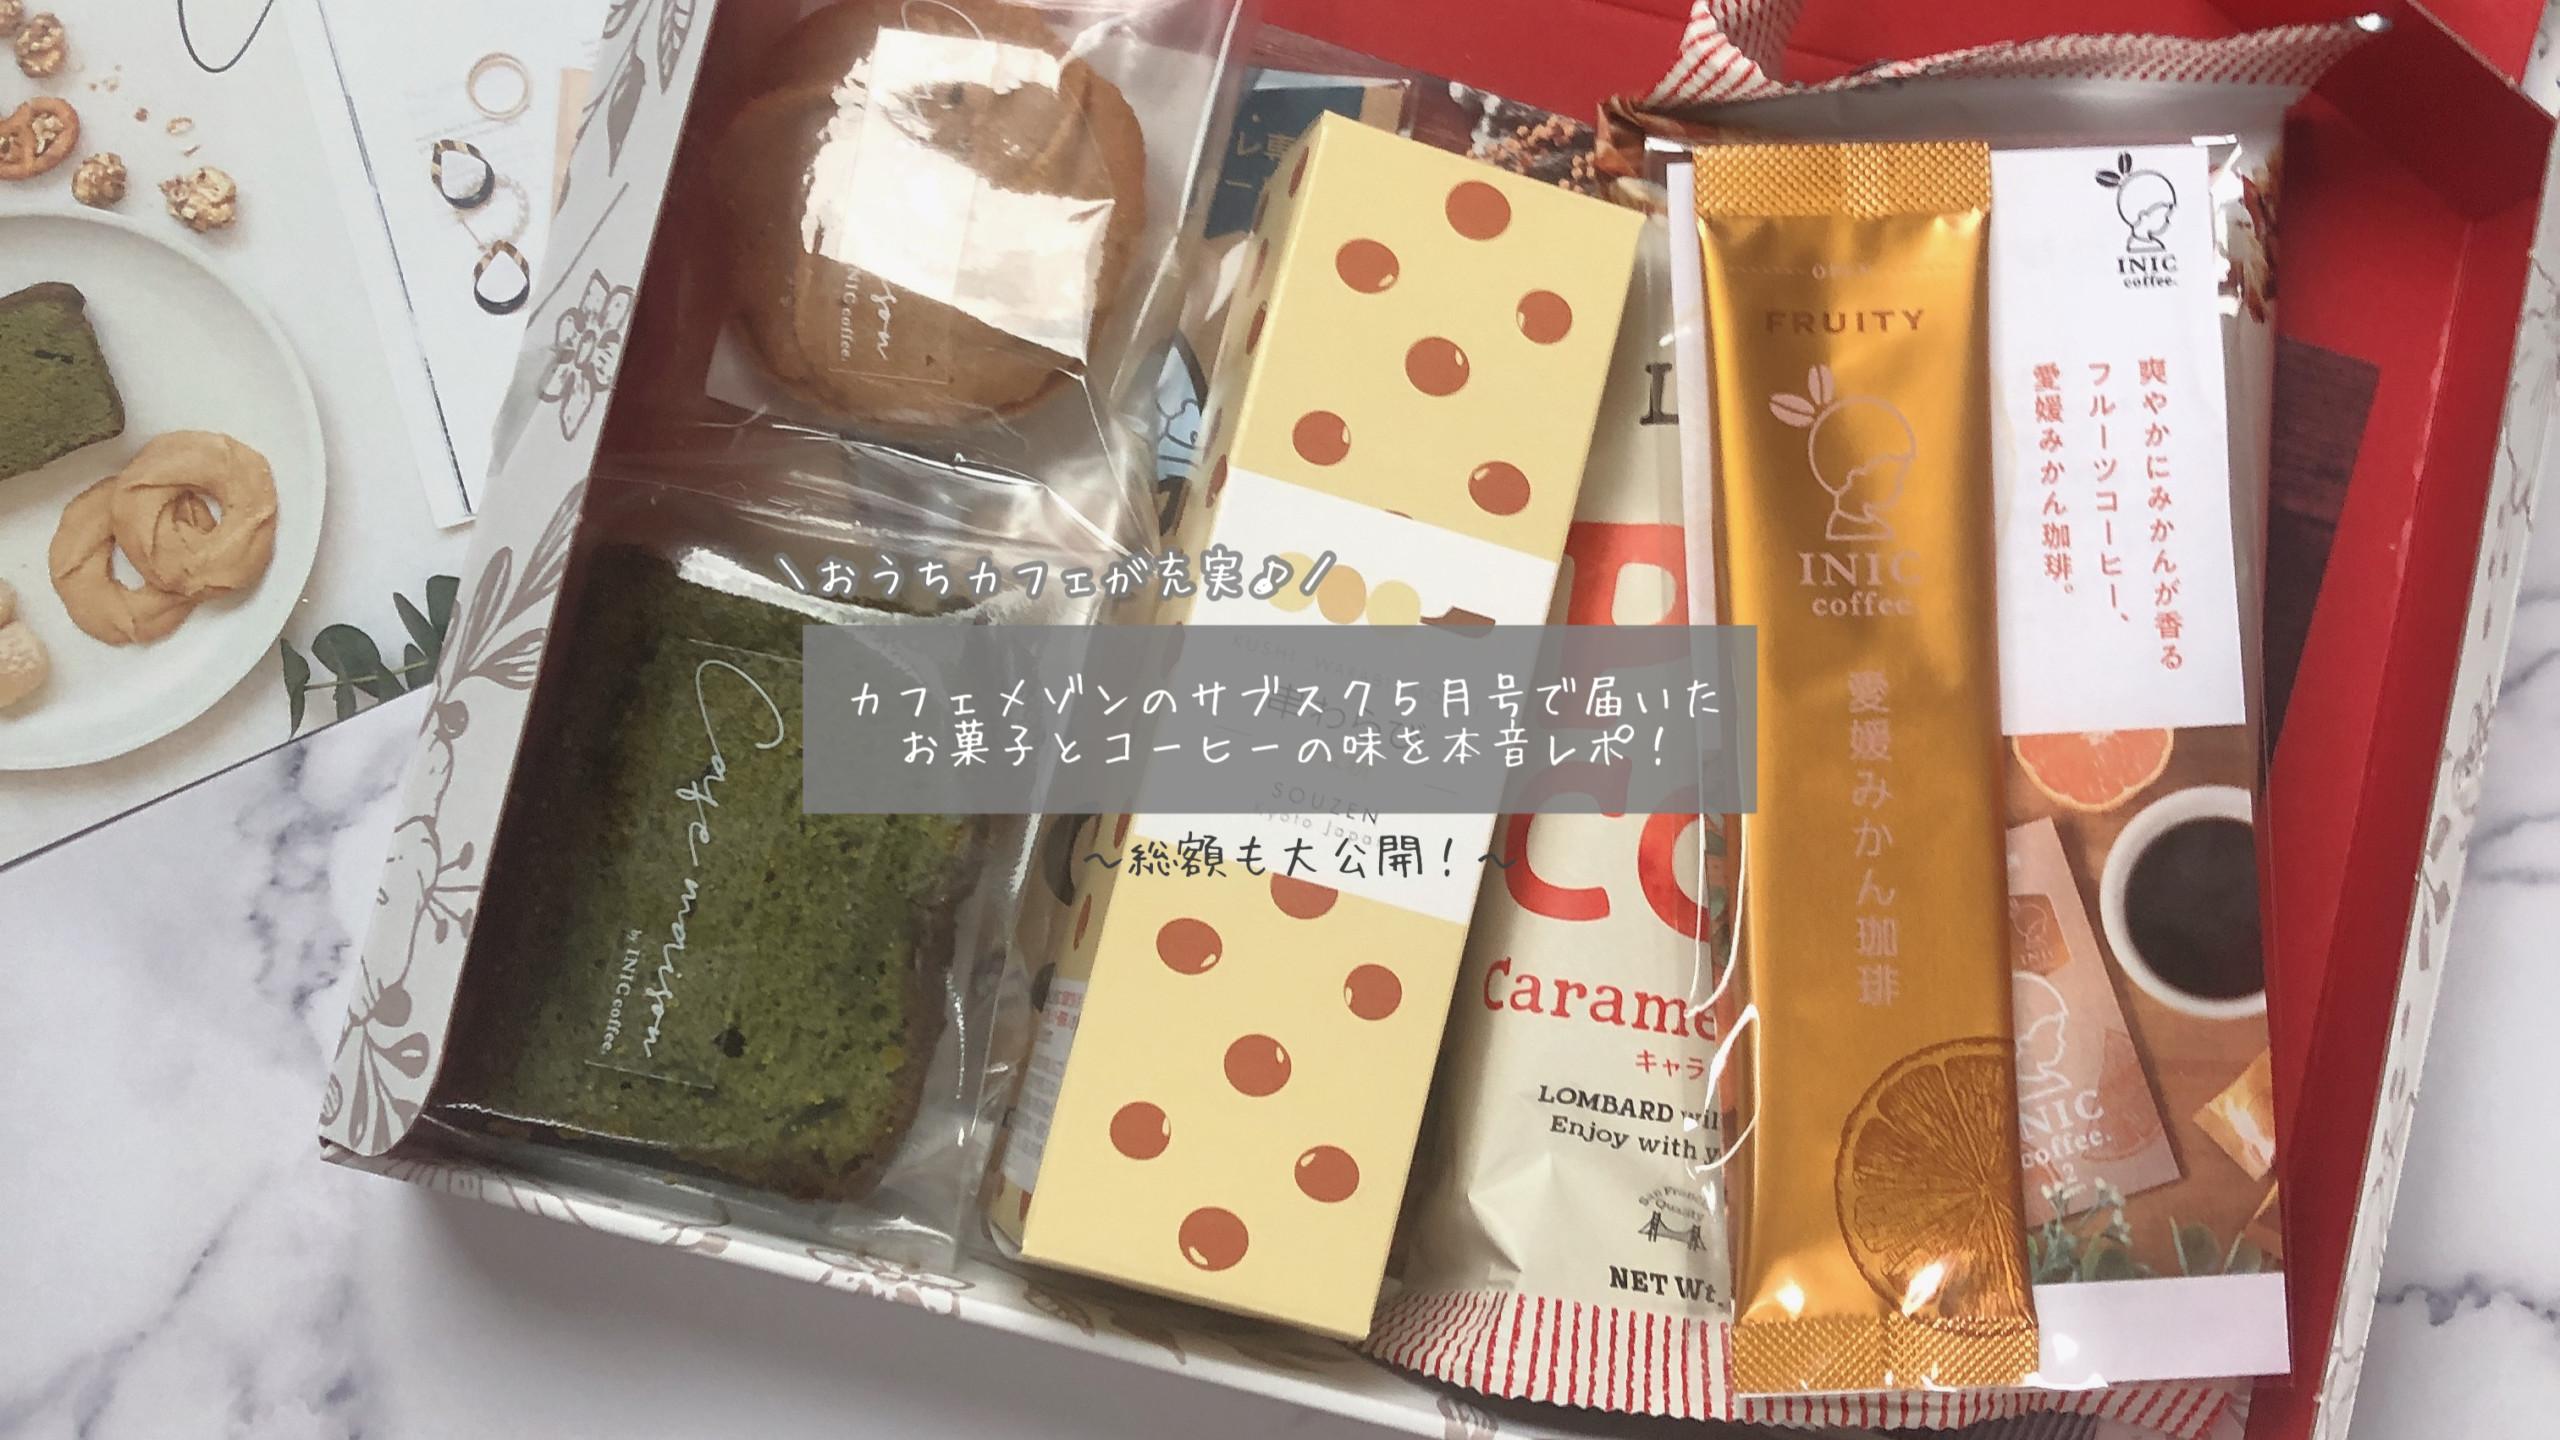 【口コミ】カフェメゾンのサブスク5月号で届いたお菓子とコーヒーを本音レポ!